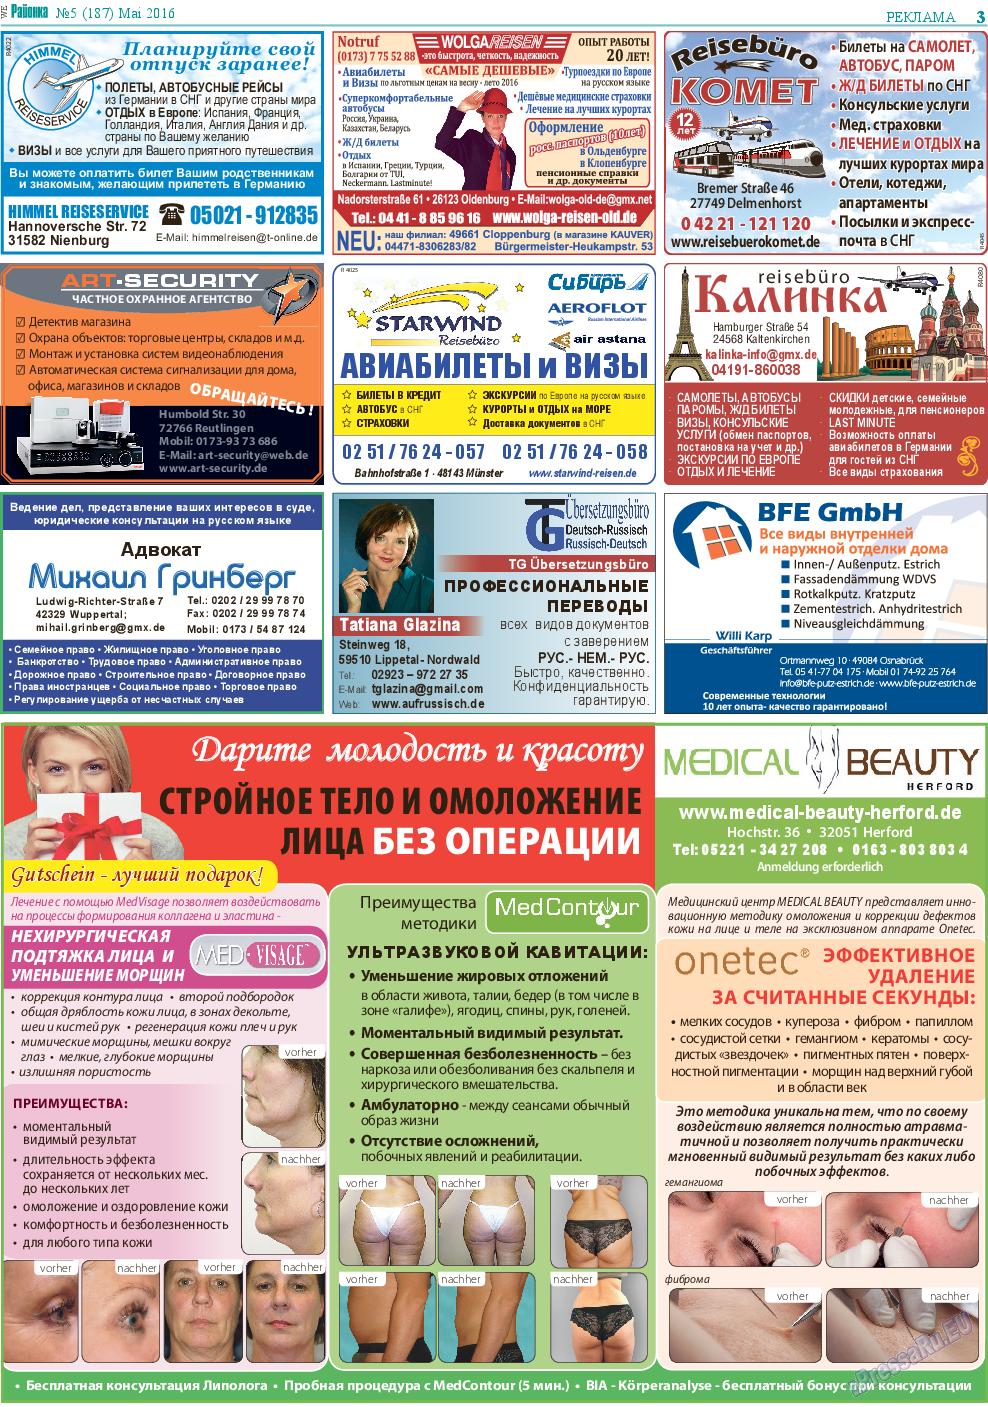 Районка-West (газета). 2016 год, номер 5, стр. 3